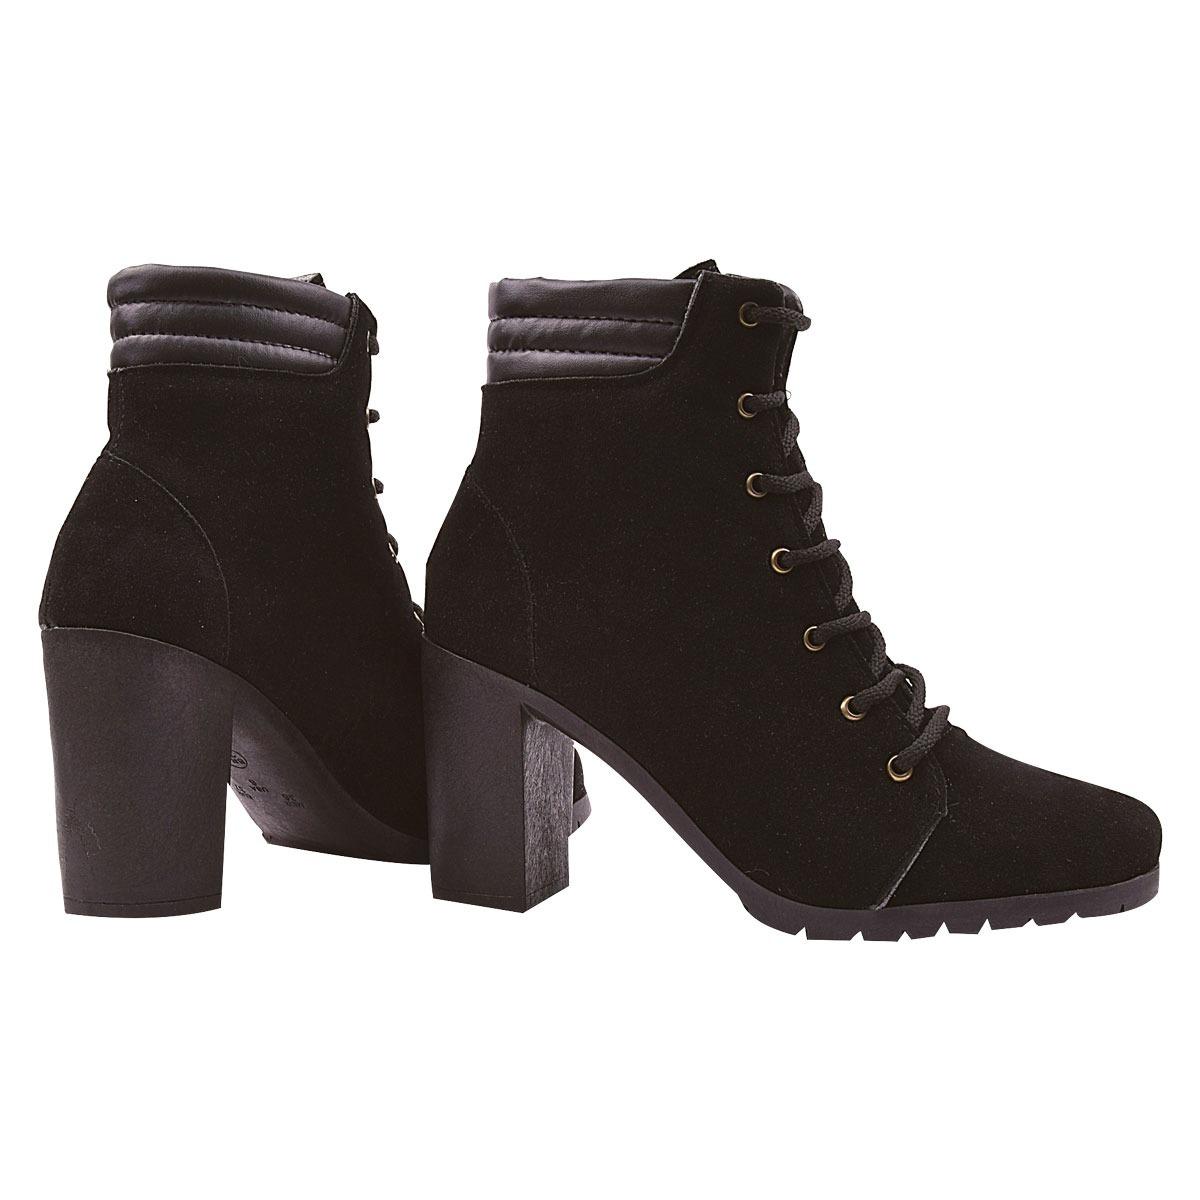 7f9cd30c55 coturno bota feminina cano curto salto alto tratorado 2019-7. Carregando  zoom.